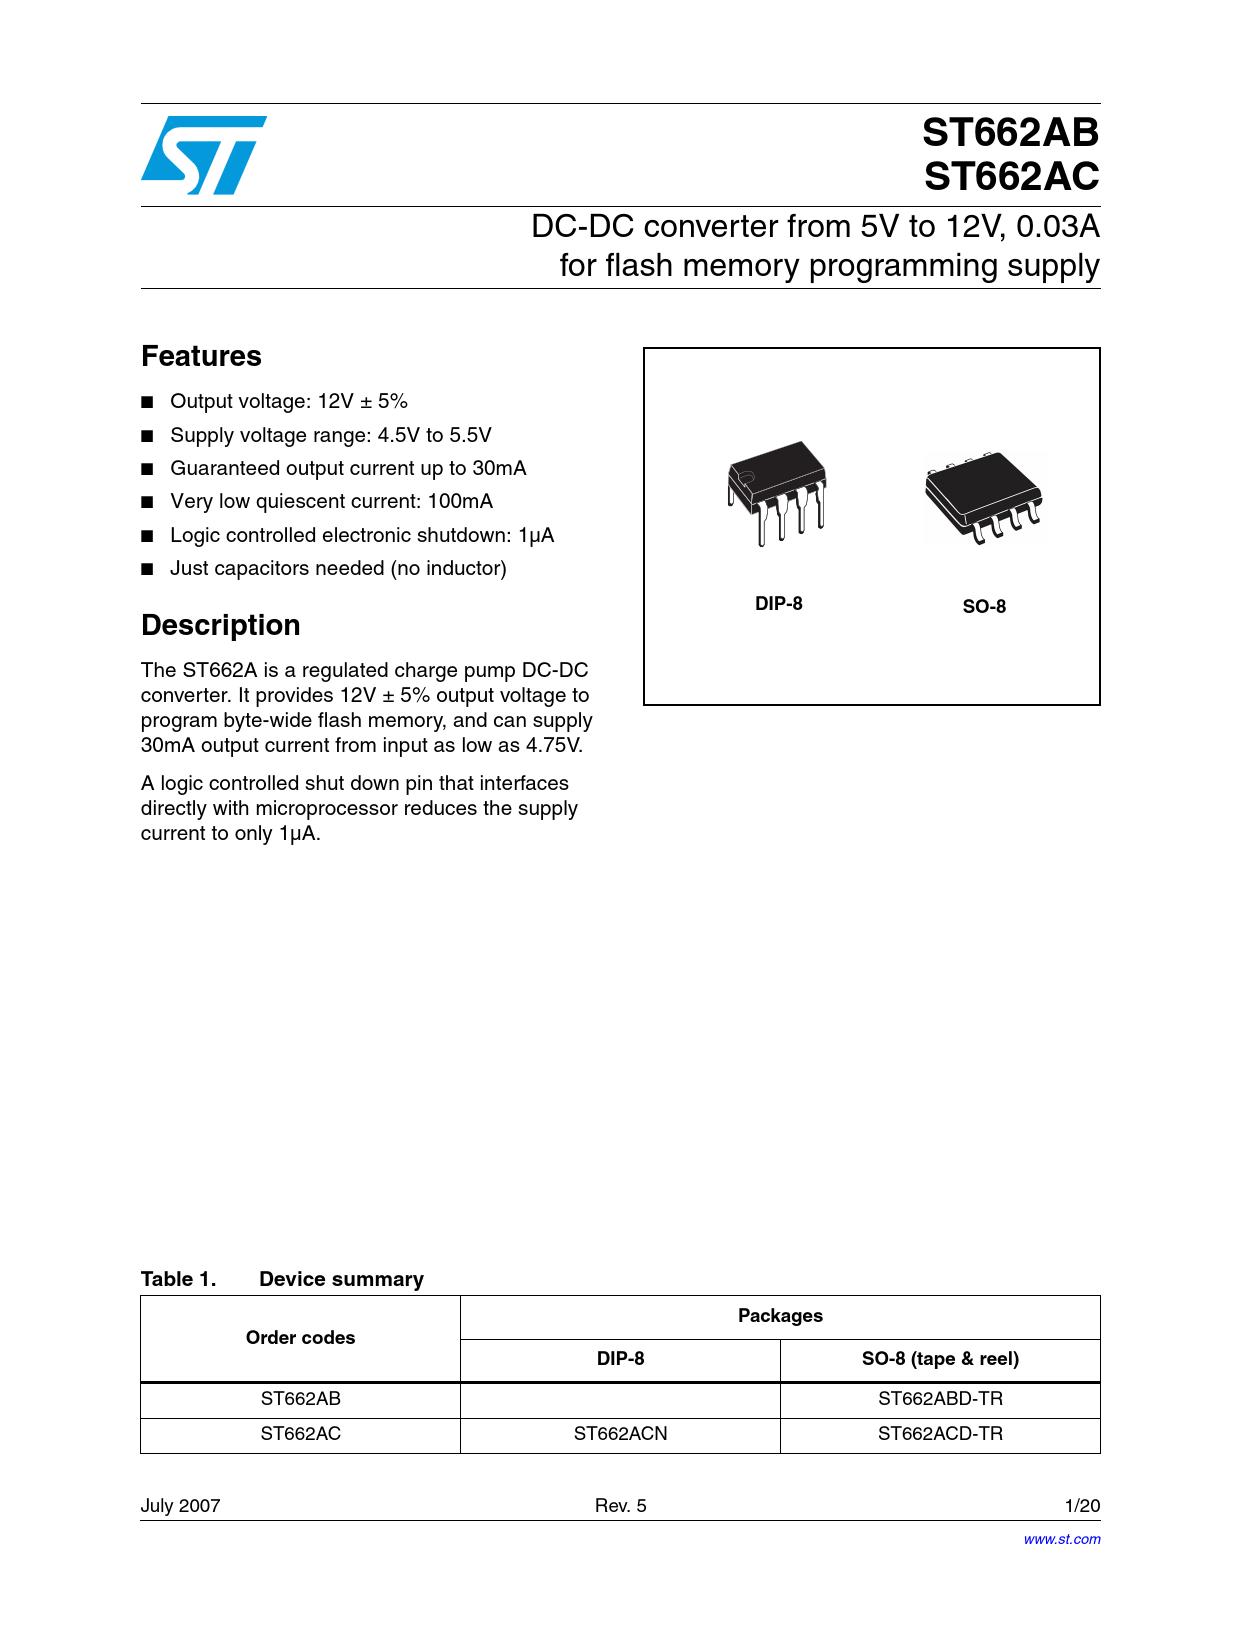 Datasheet ST662AB STMicroelectronics